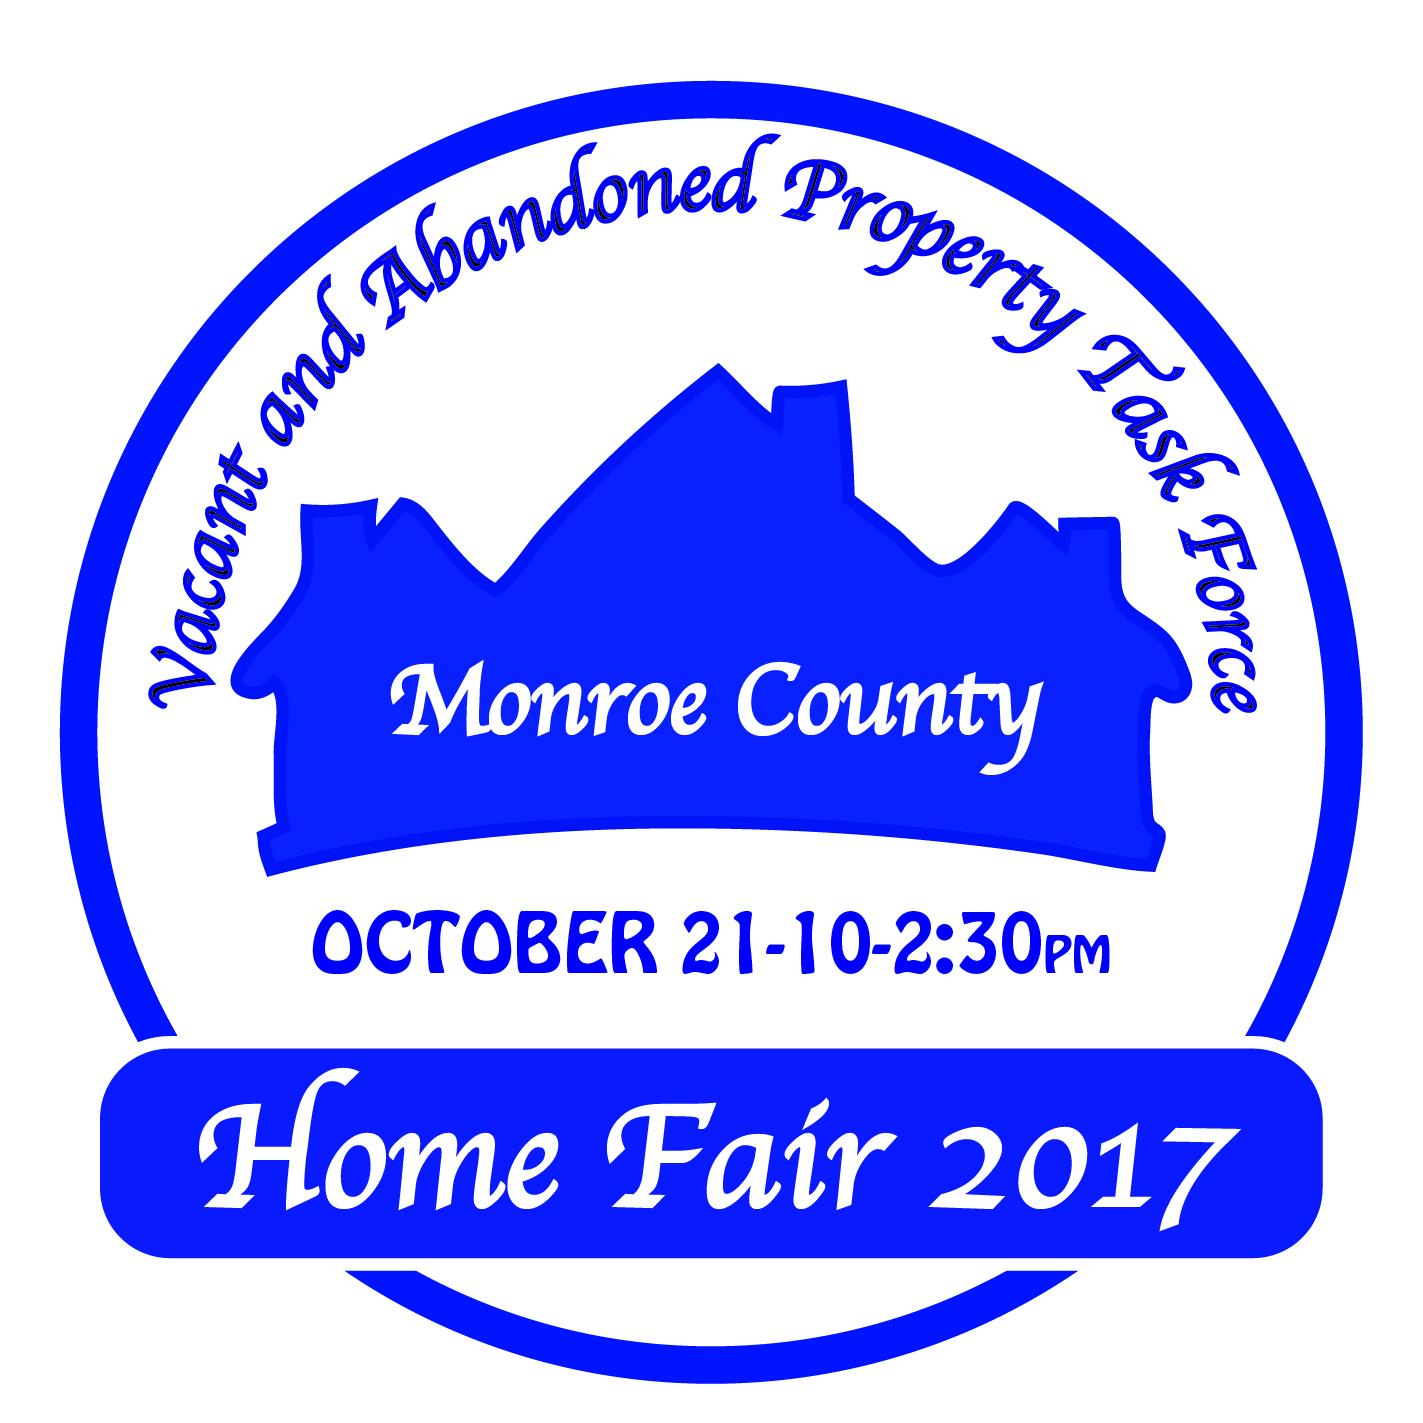 Home Fair Graphic